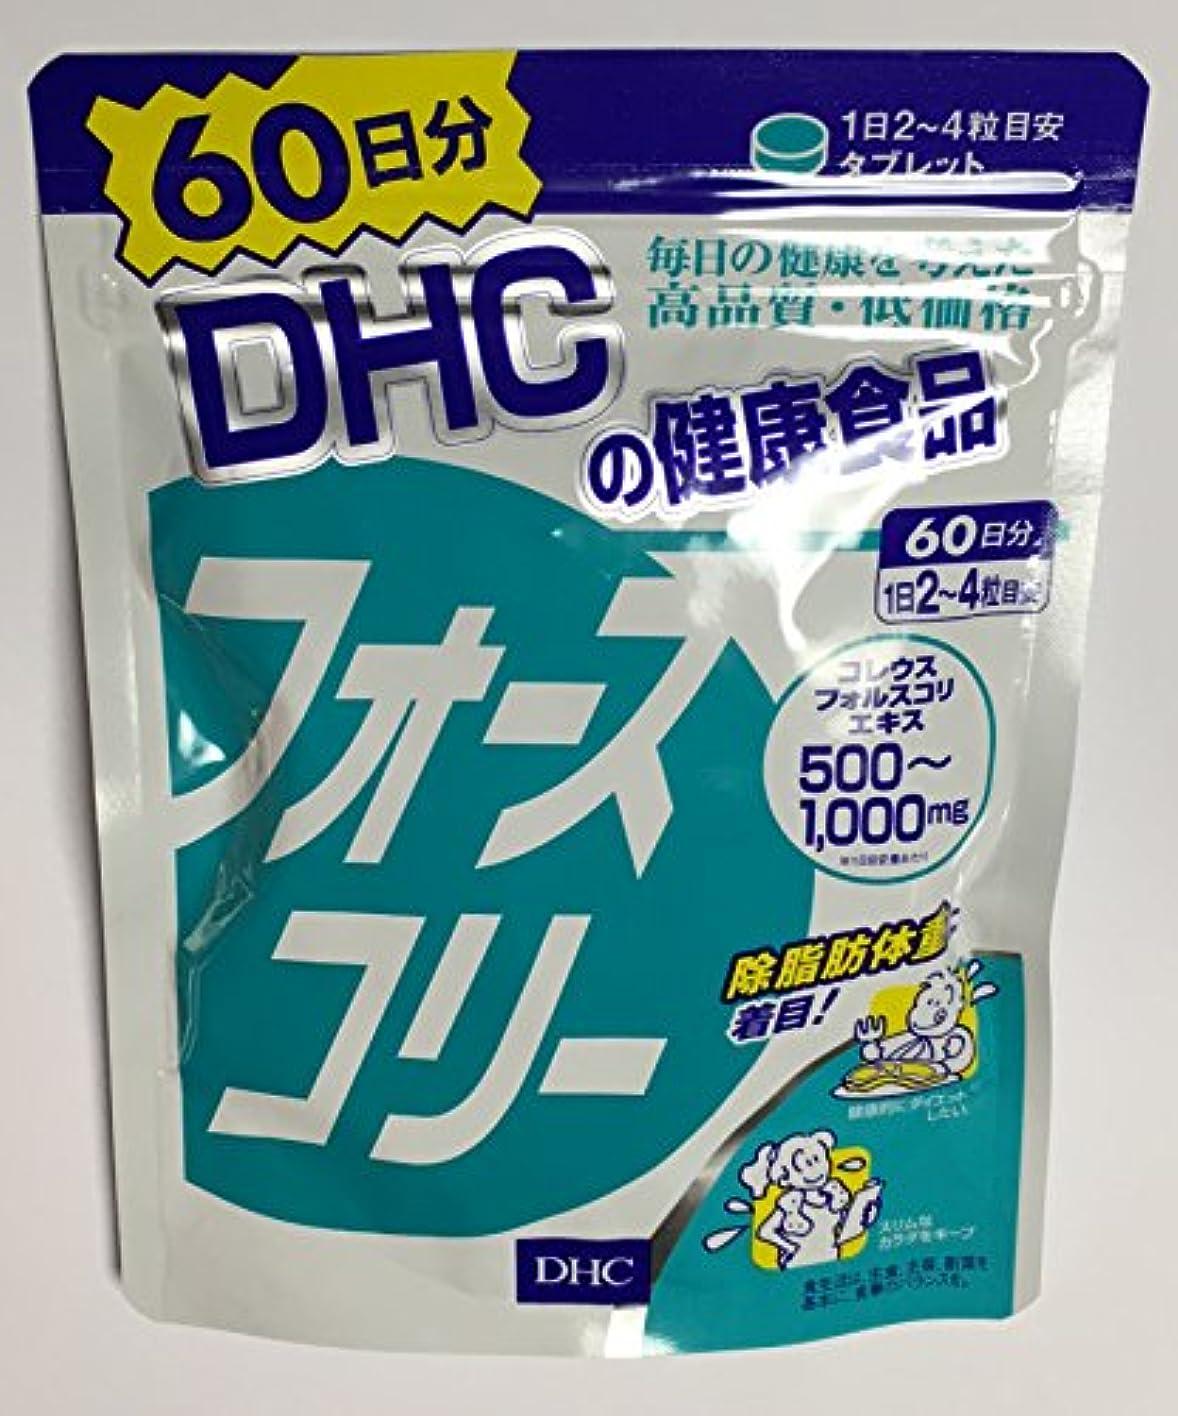 とても静的インレイ【大容量】DHC フォースコリー (60日分) 240粒